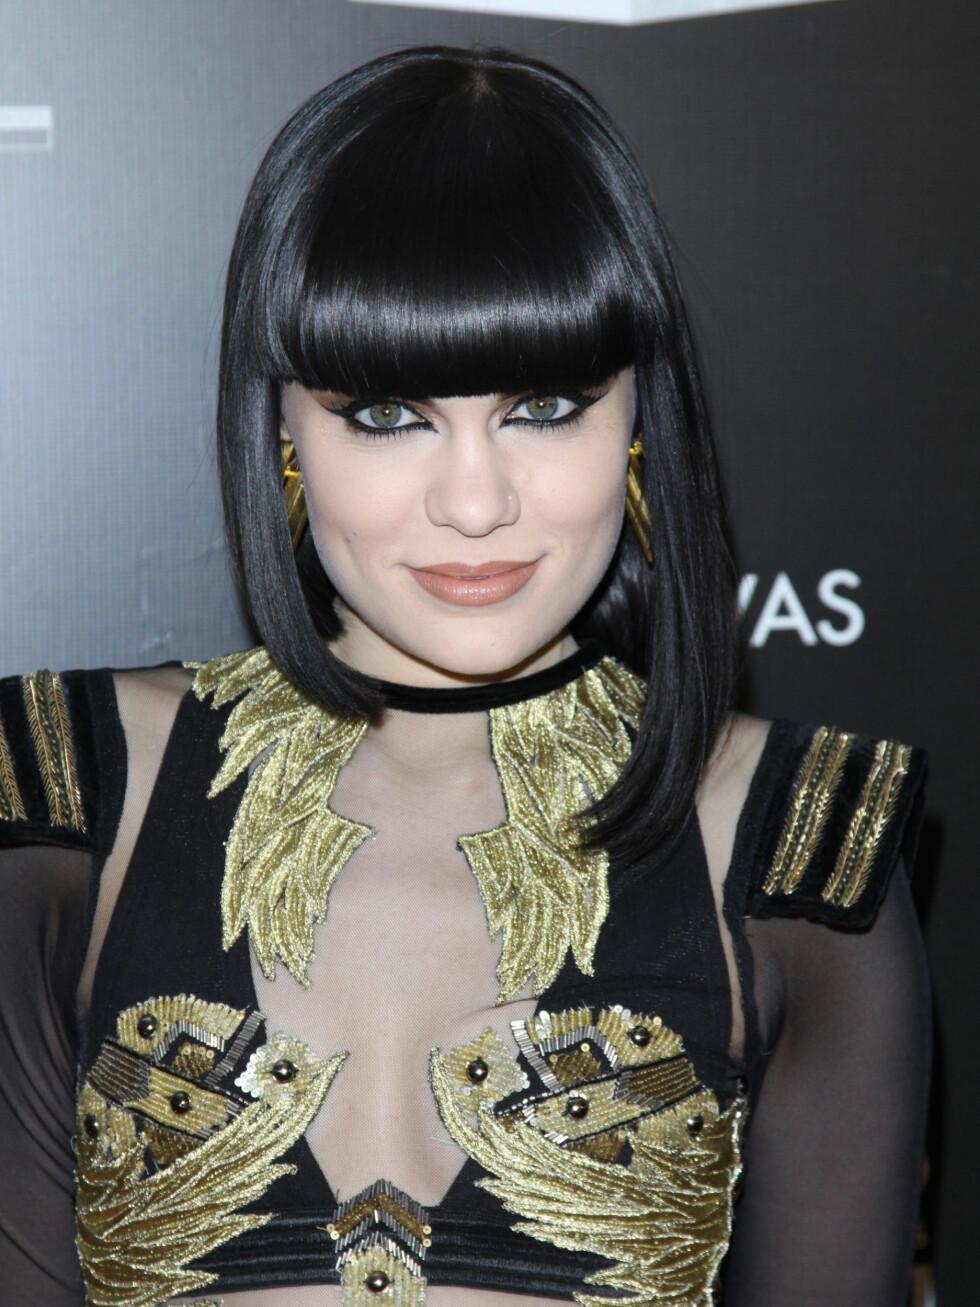 Jessie J har prøvd flere hårfarger enn de fleste av oss noensinne kommer til å gjøre. Likevel ble denne svarte, ultrablanke frisyren hennes signatur etterhvert.  Foto: REX/Henry Lamb/Photowire/BEI/All Over Press